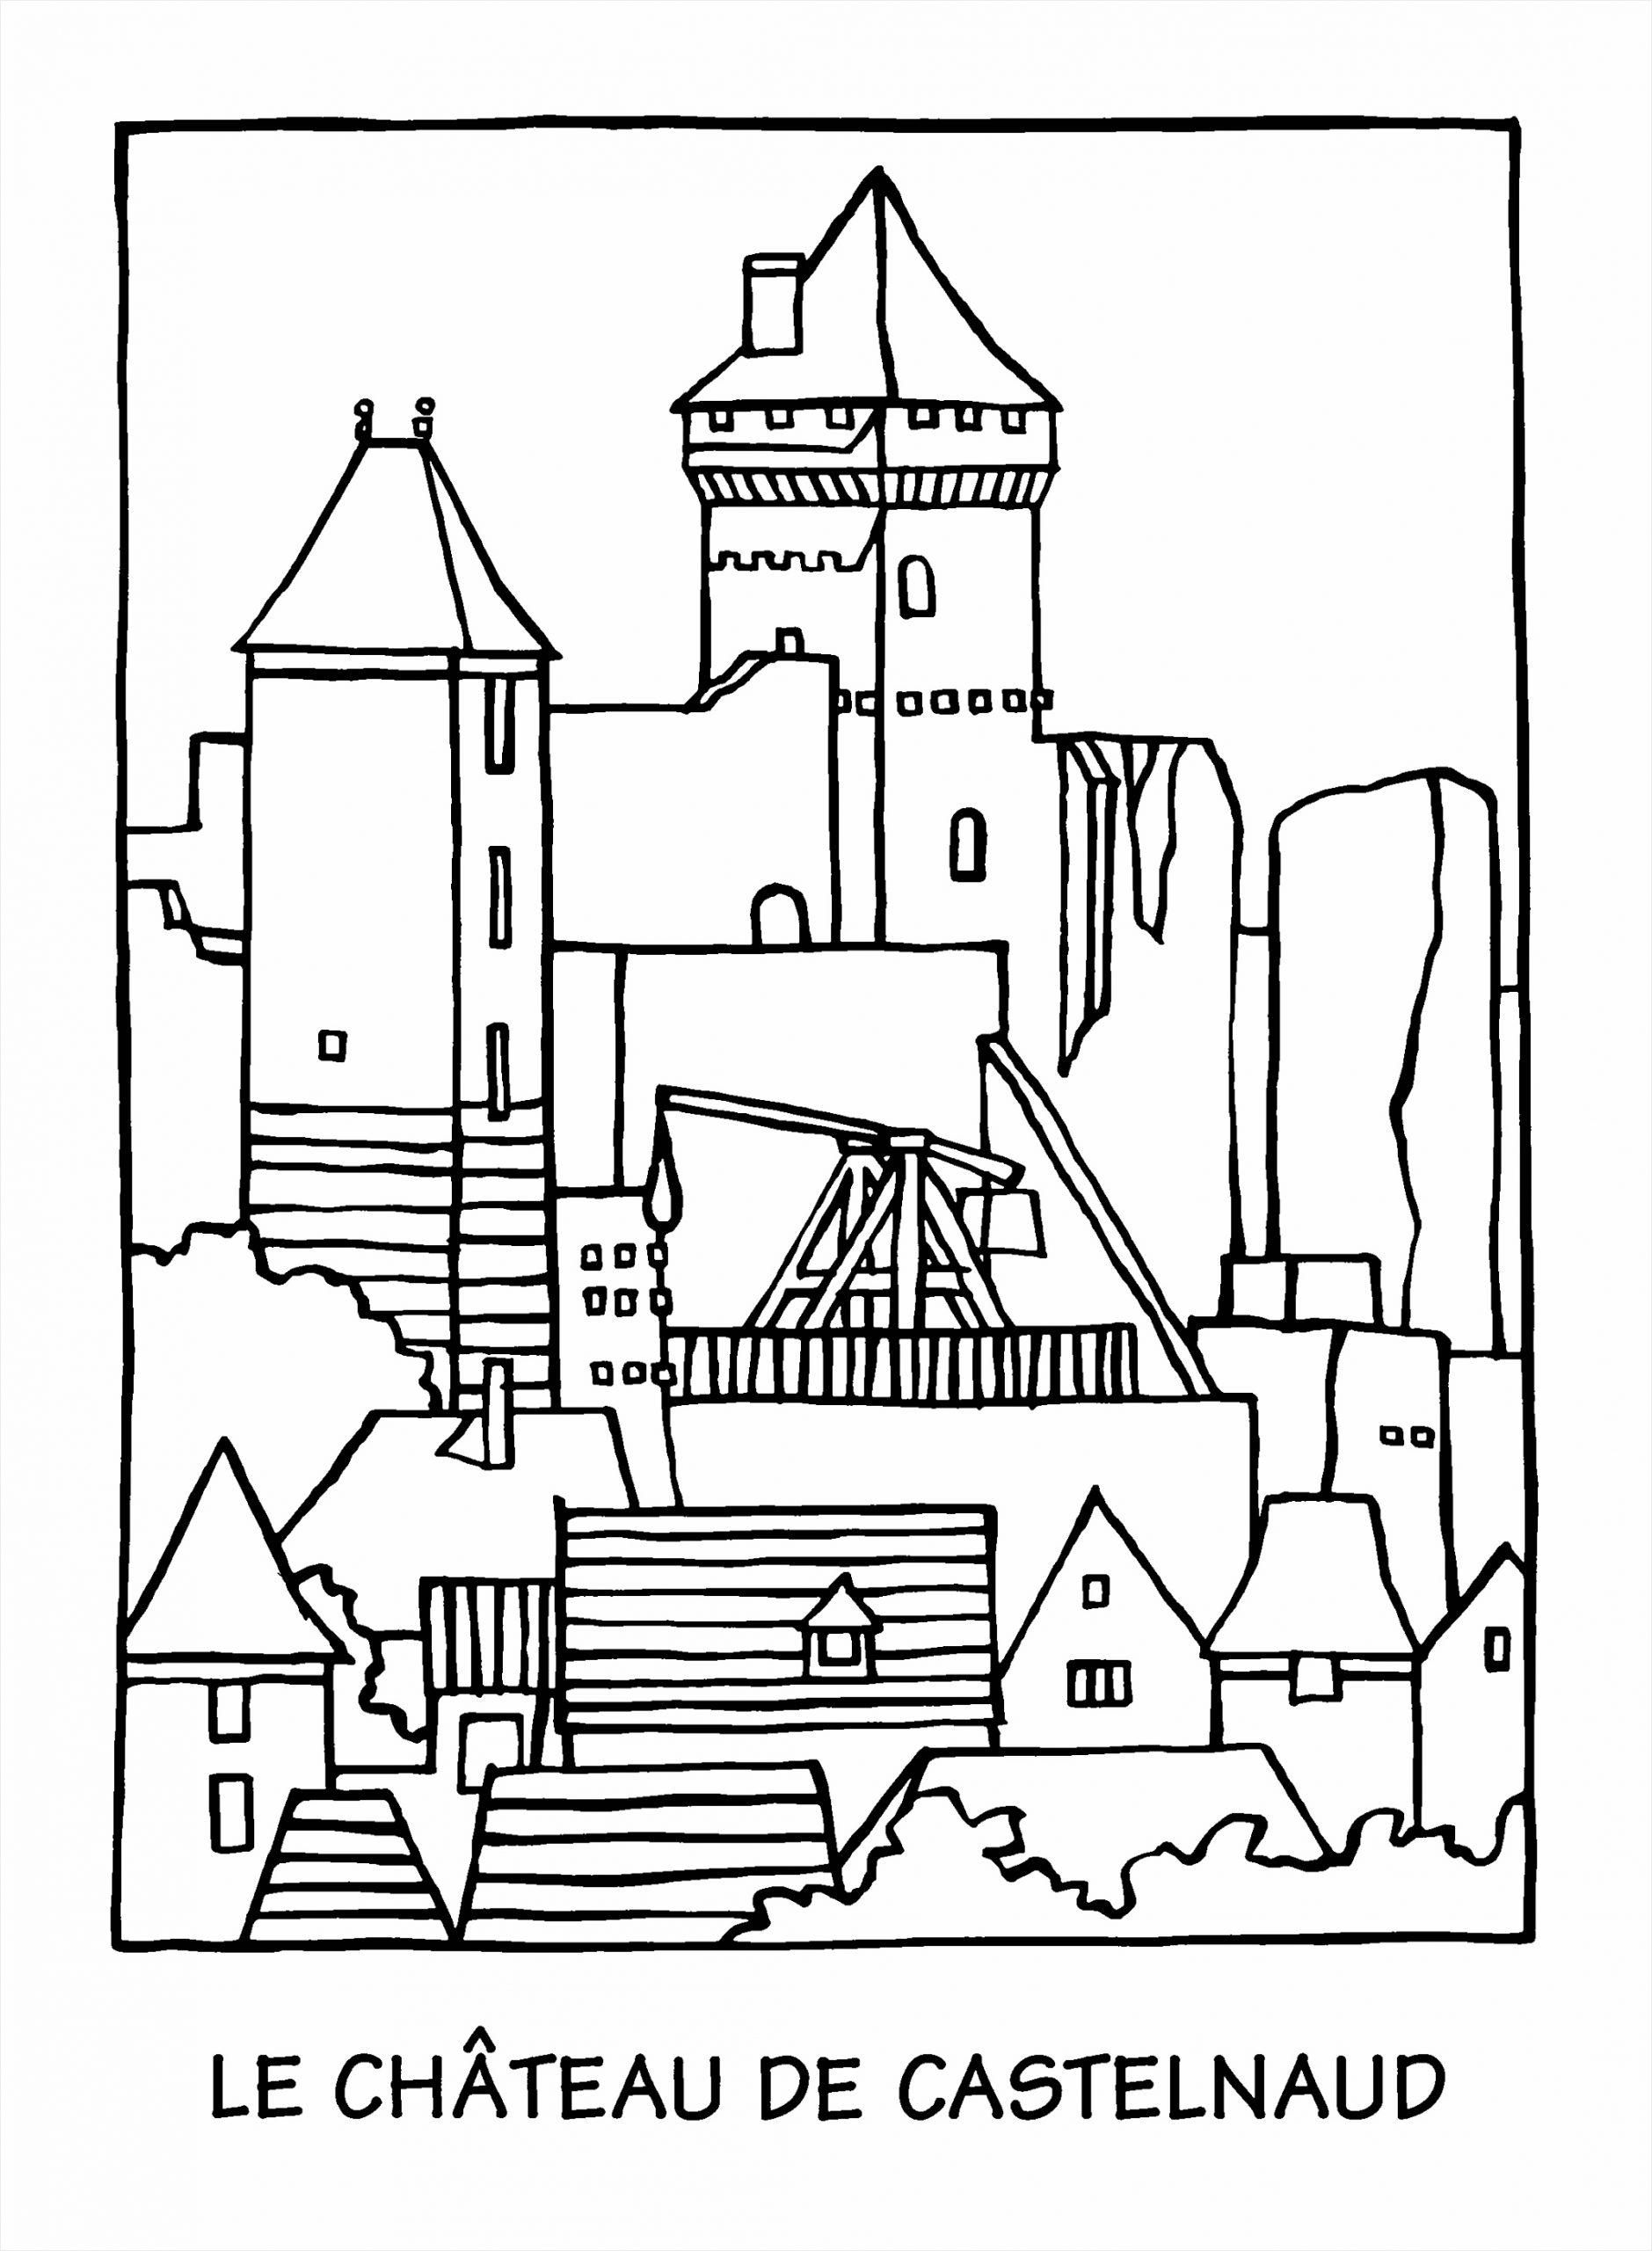 kleurplaat book=kasteel 01&image=kasteel 01 18 &oms=Le chateau de Castelnaud wyuyp